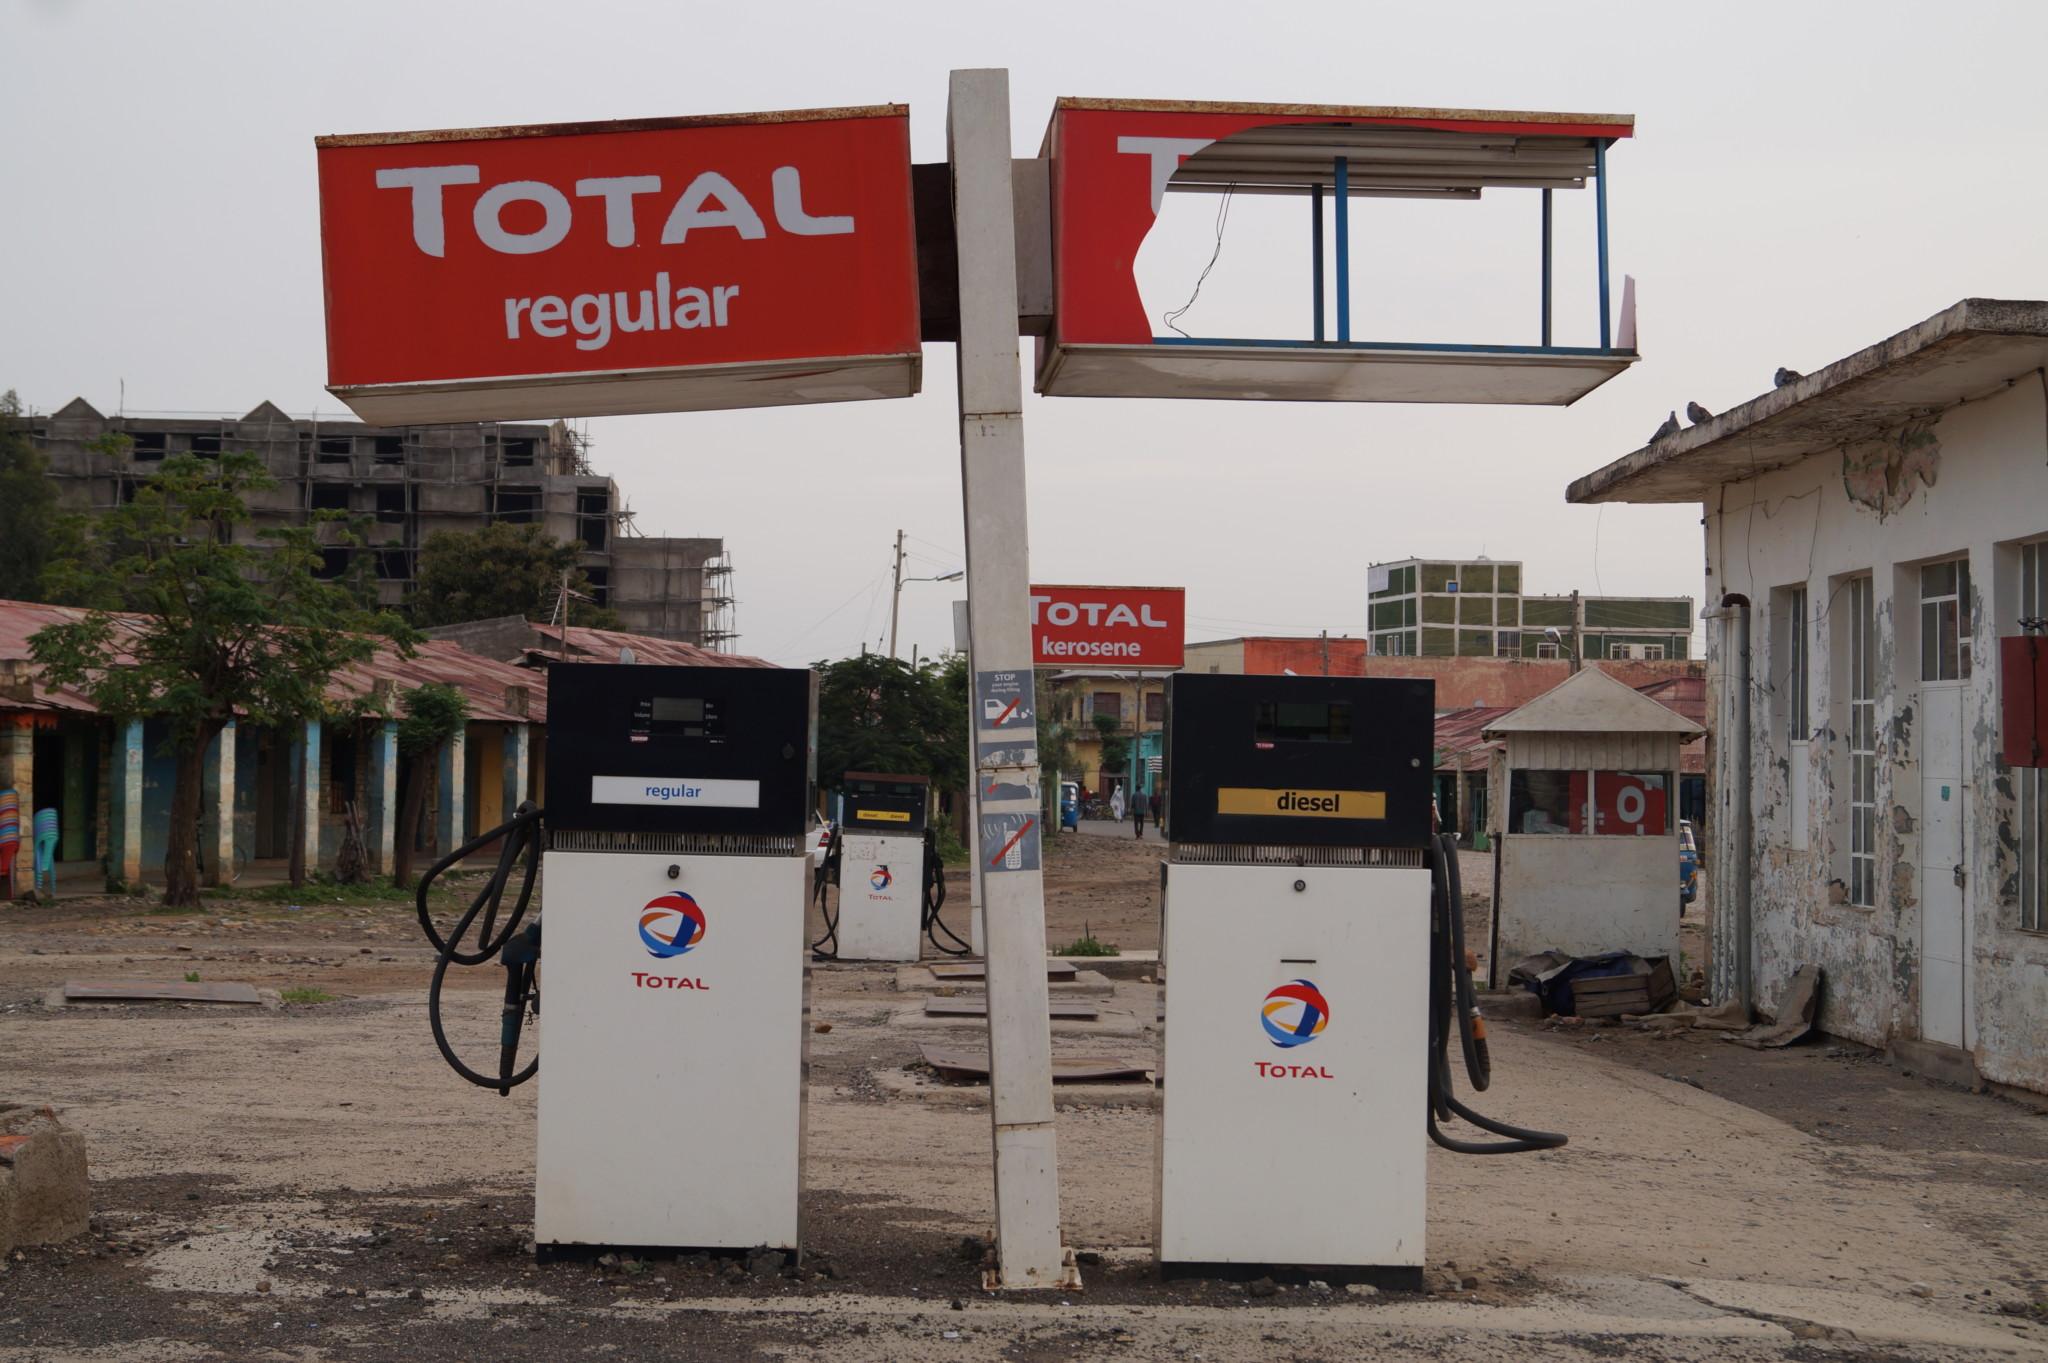 Tankstelle in Äthiopien